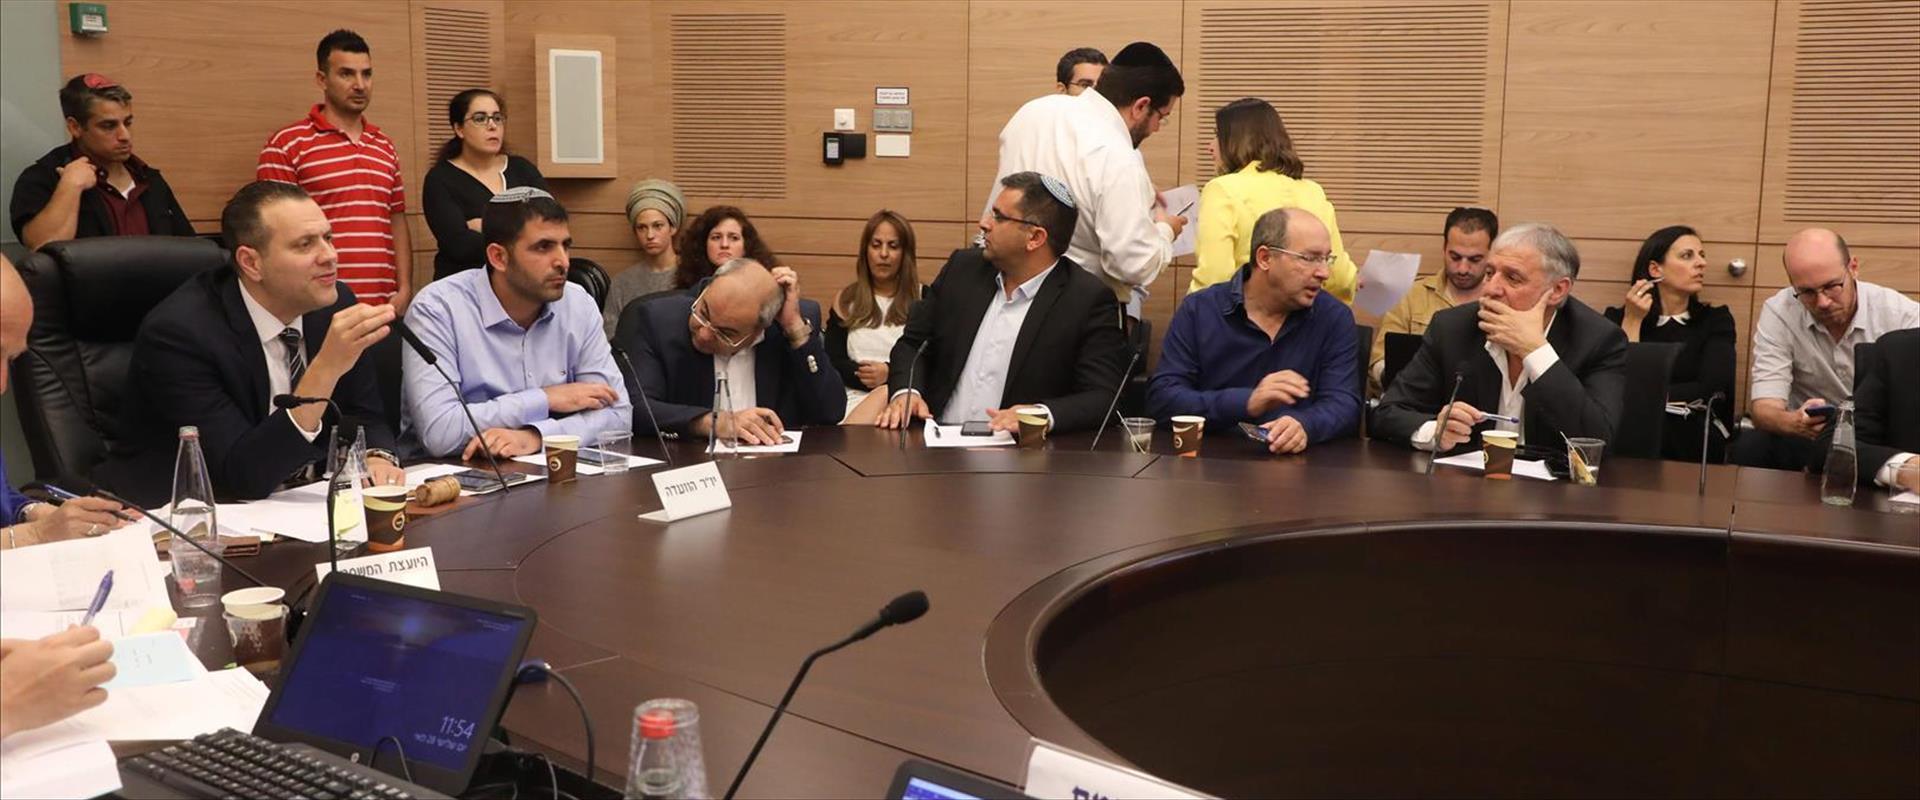 הוועדה שדנה בחוק פיזור הכנסת